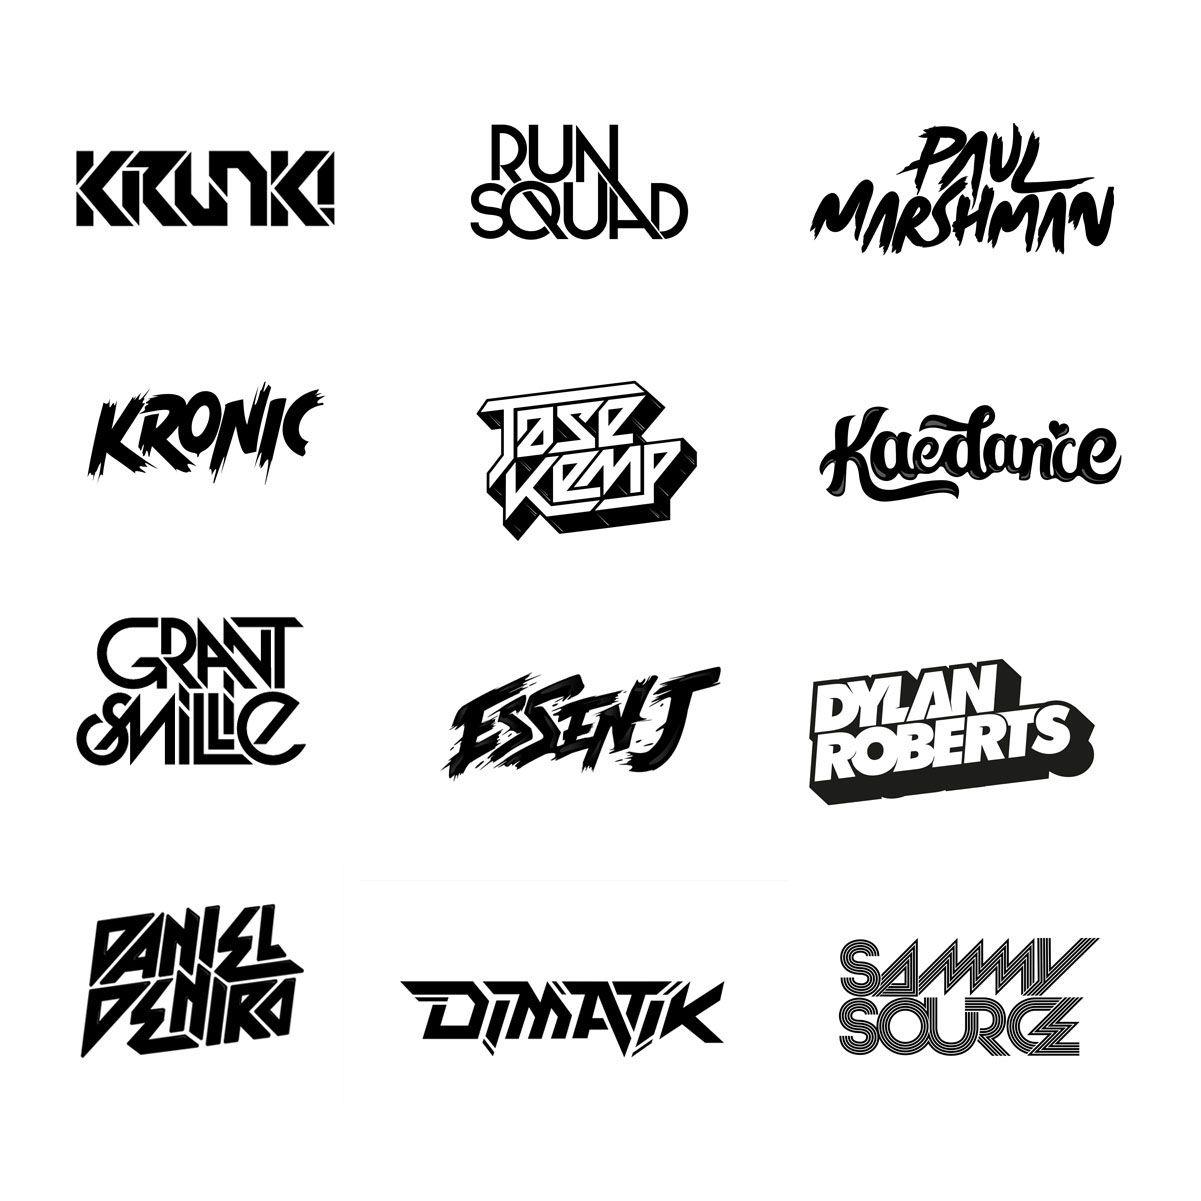 Dj Logos1 Jpg 1201 1201 Logo De Dj Disenos De Letras Logotipos Personalizados